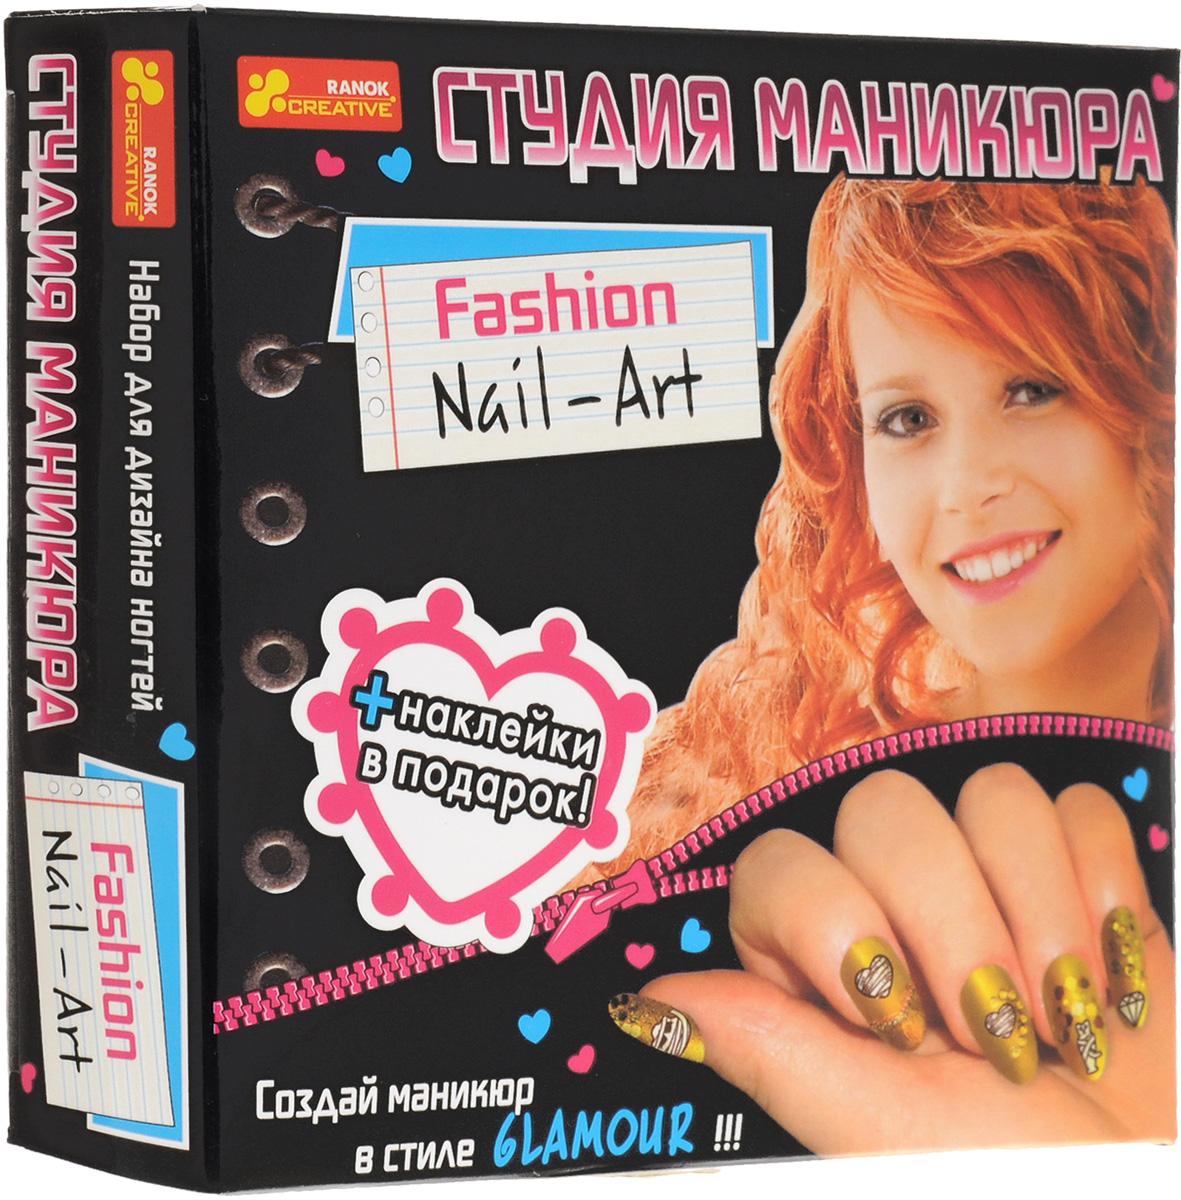 Ranok Набор для нейл-арта Студия маникюра GlamourGCT56Разнообразные образцы дизайна ногтей, ценные советы, множество декоративных элементов, входящих в набор, - благодаря всему этому можно самостоятельно сделать потрясающий маникюр!Как ухаживать за ногтями: советы эксперта. Статья OZON Гид